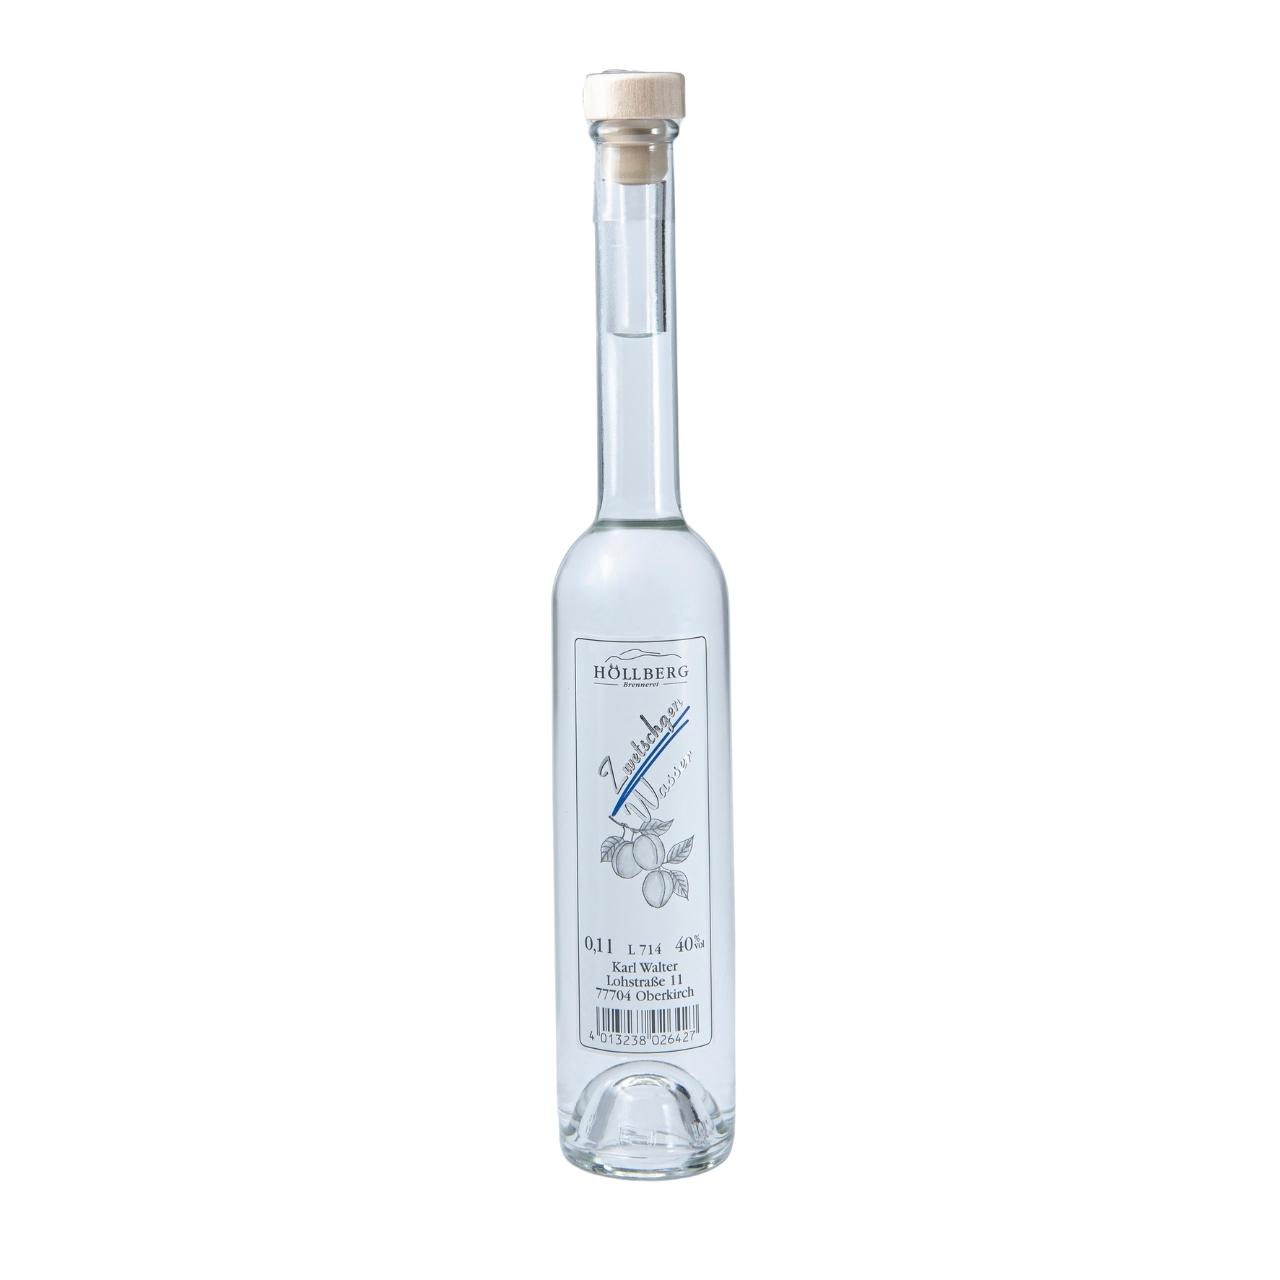 0,1 Liter Platinflasche Höllberg Zwetschgenwasser